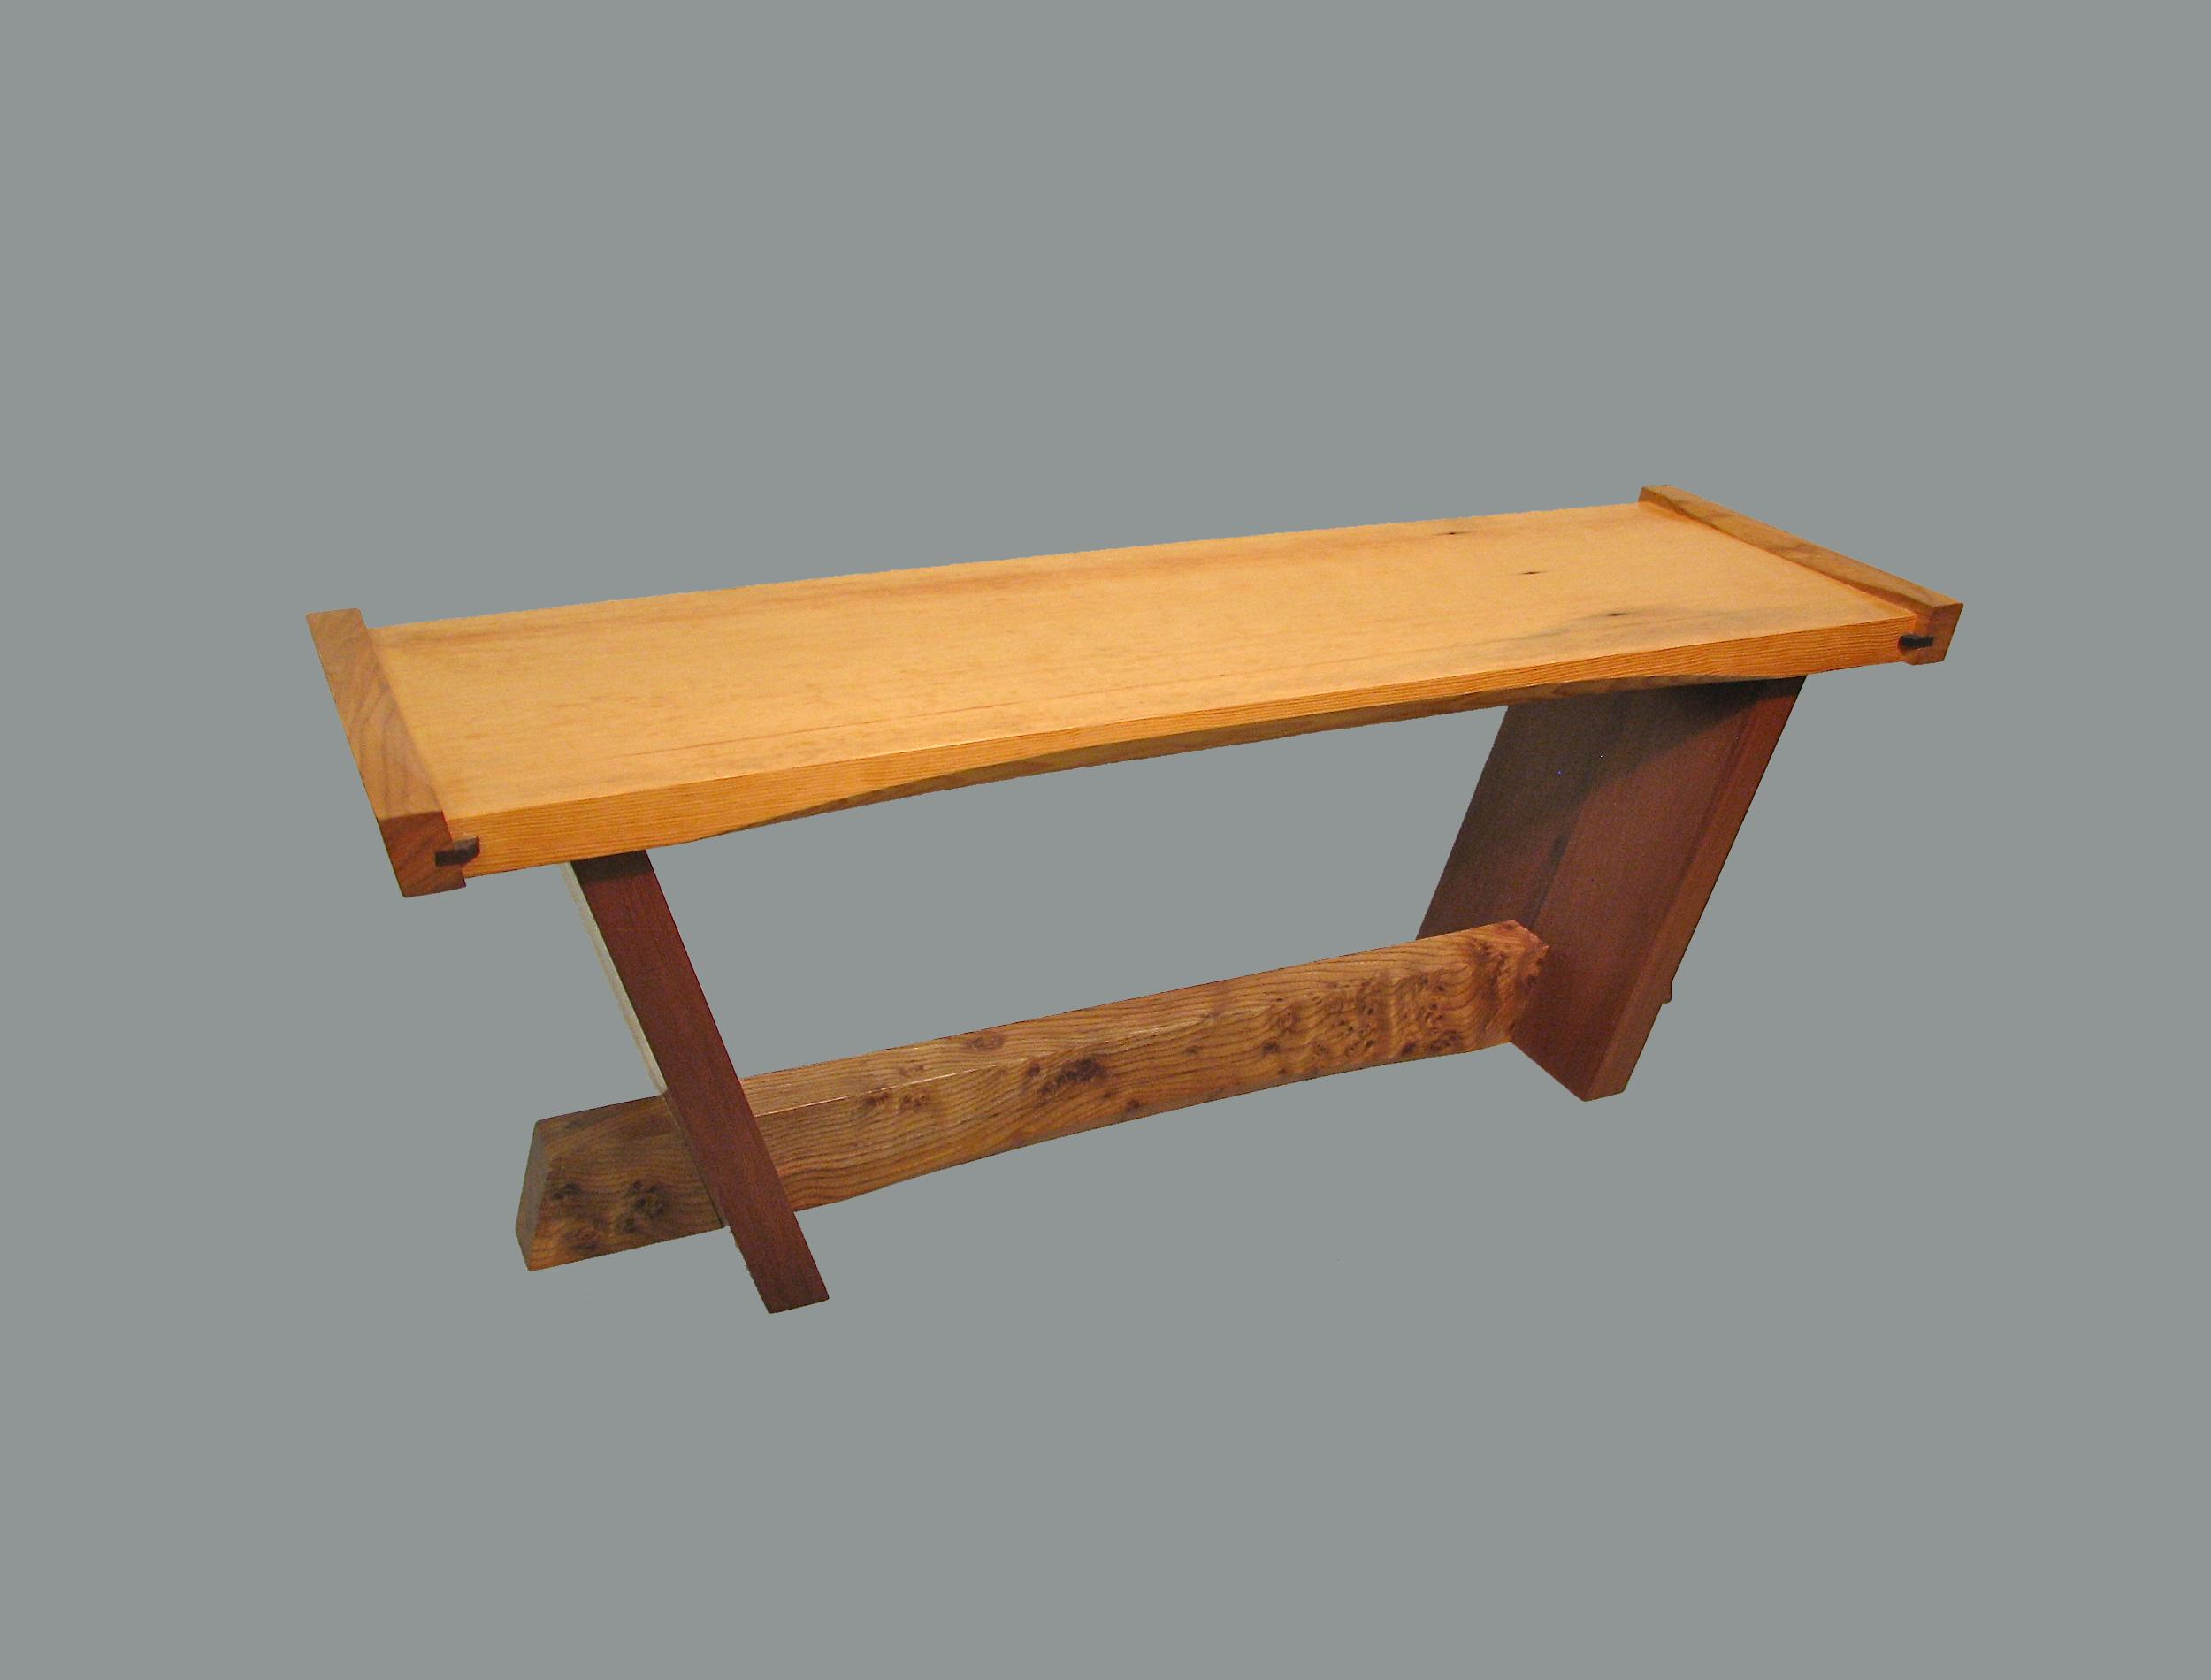 Fir Bench